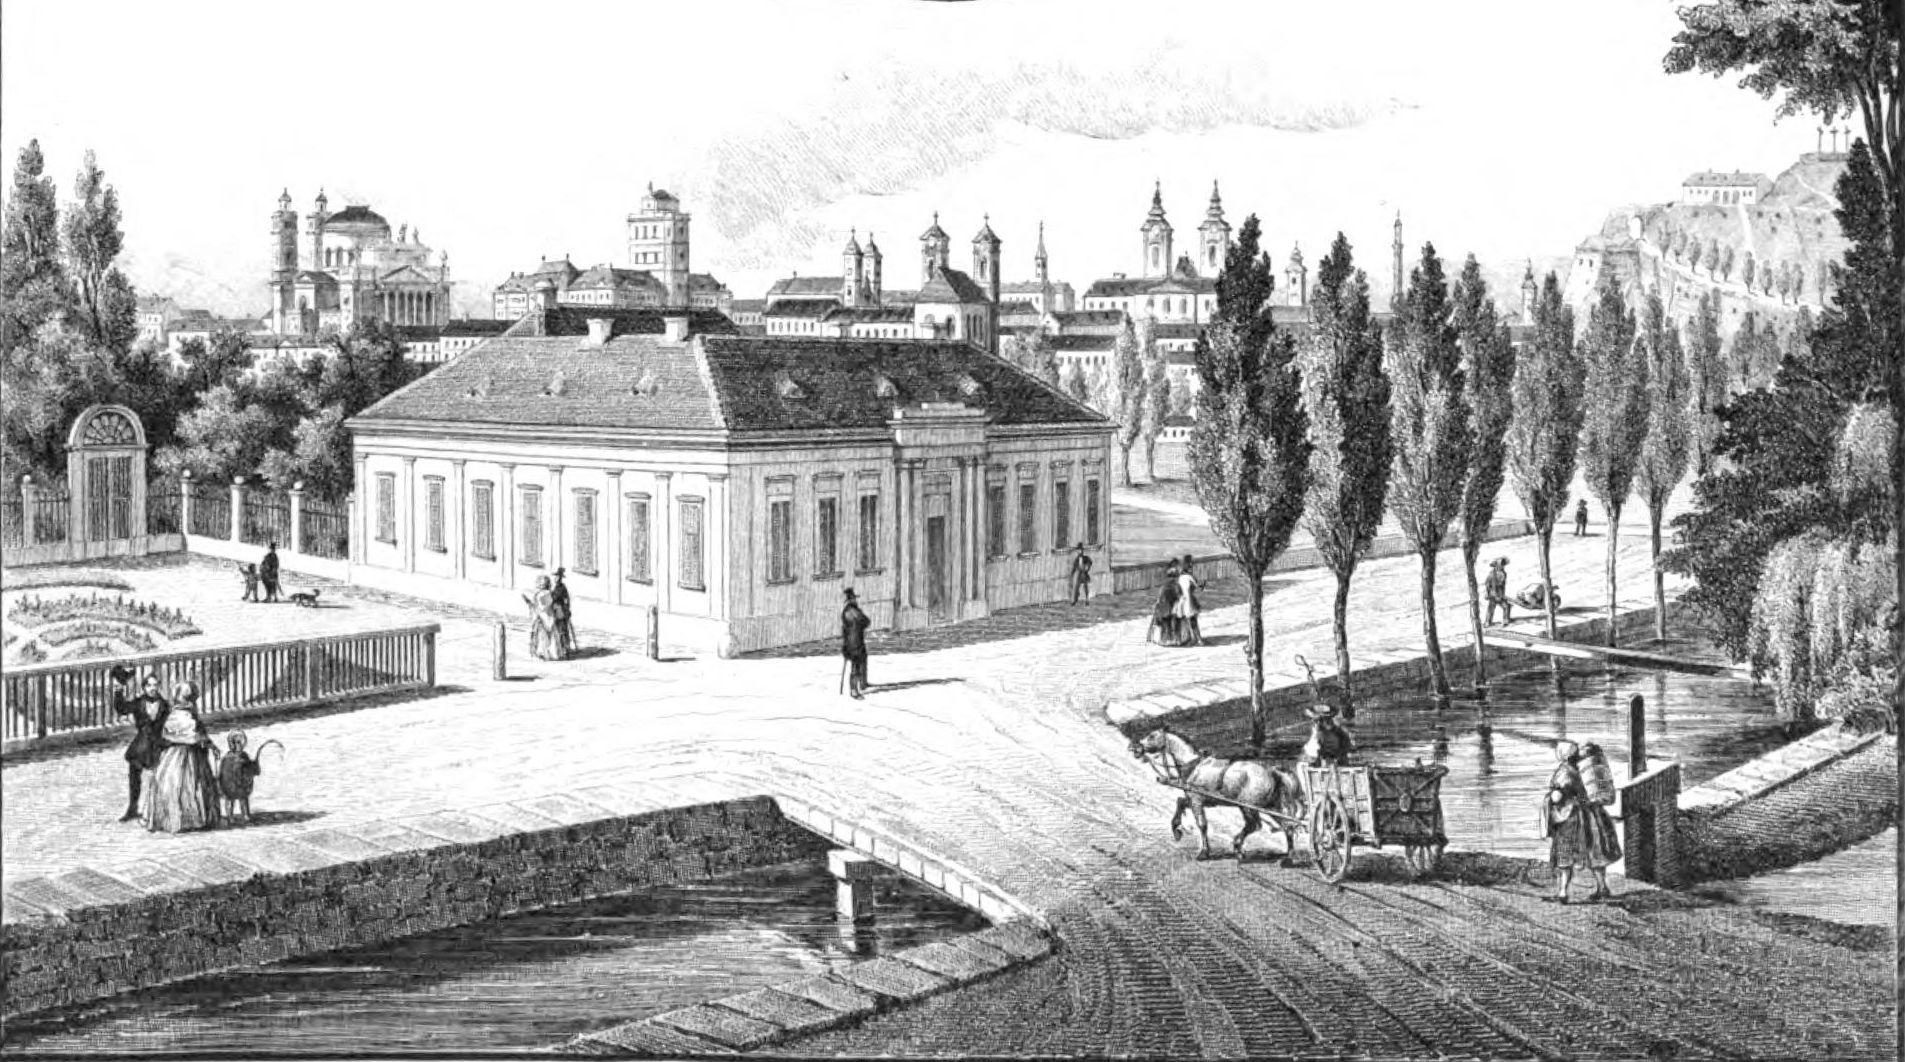 Egri városnéző séta 150 évvel ezelőtt